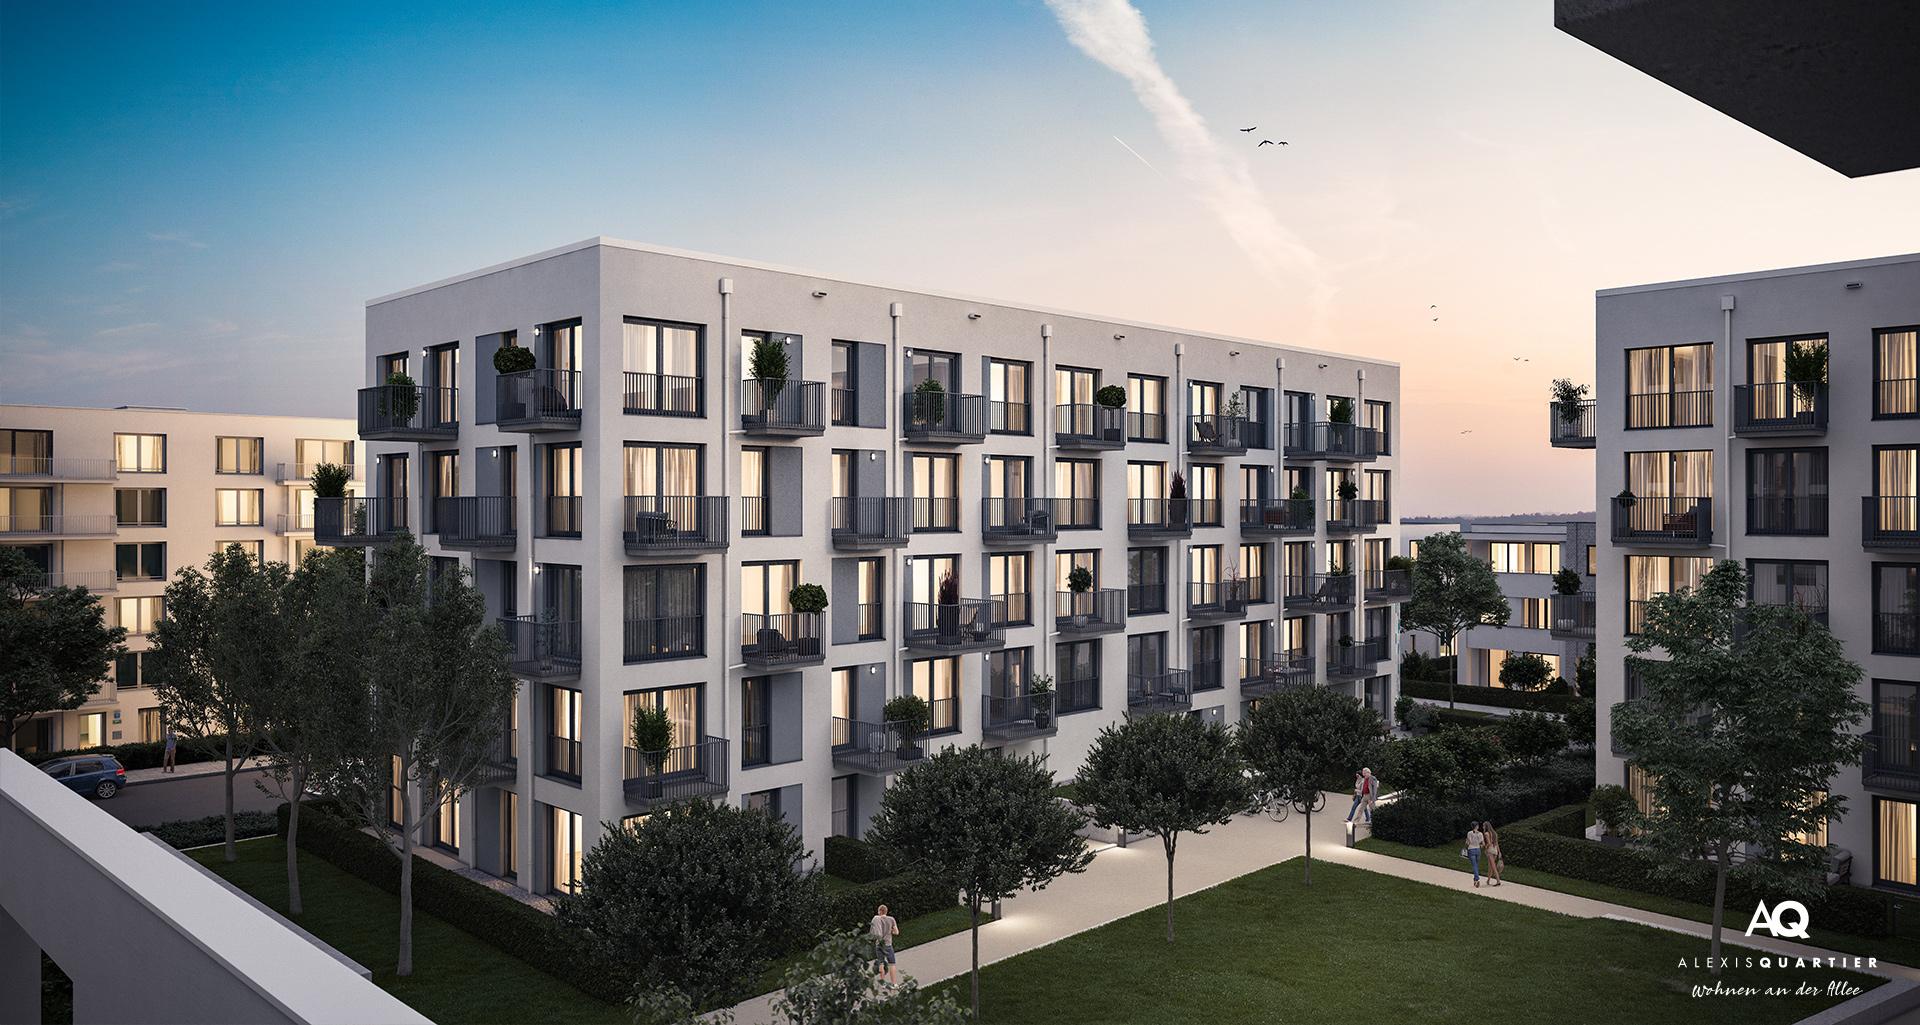 Eigentumswohnungen München: Slider Wohnen an der Allee